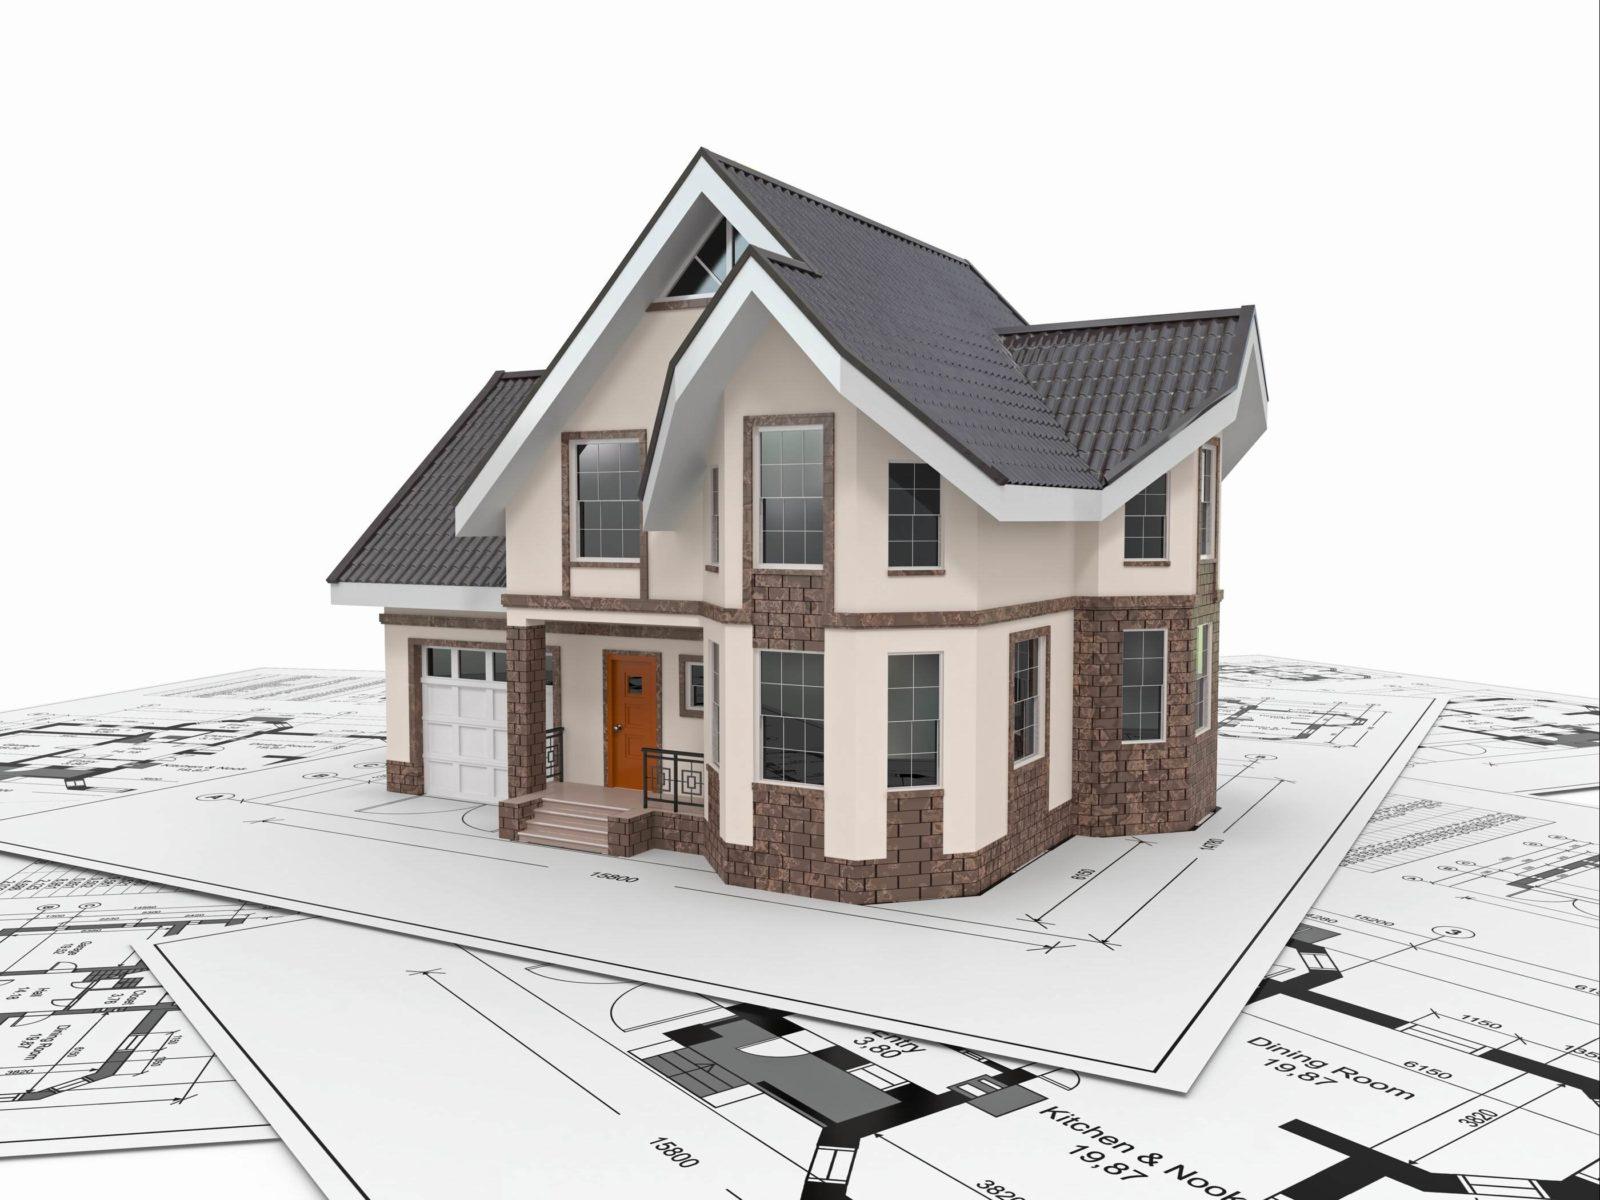 [:ua]збудувати будинок[:ru]построить дом[:]